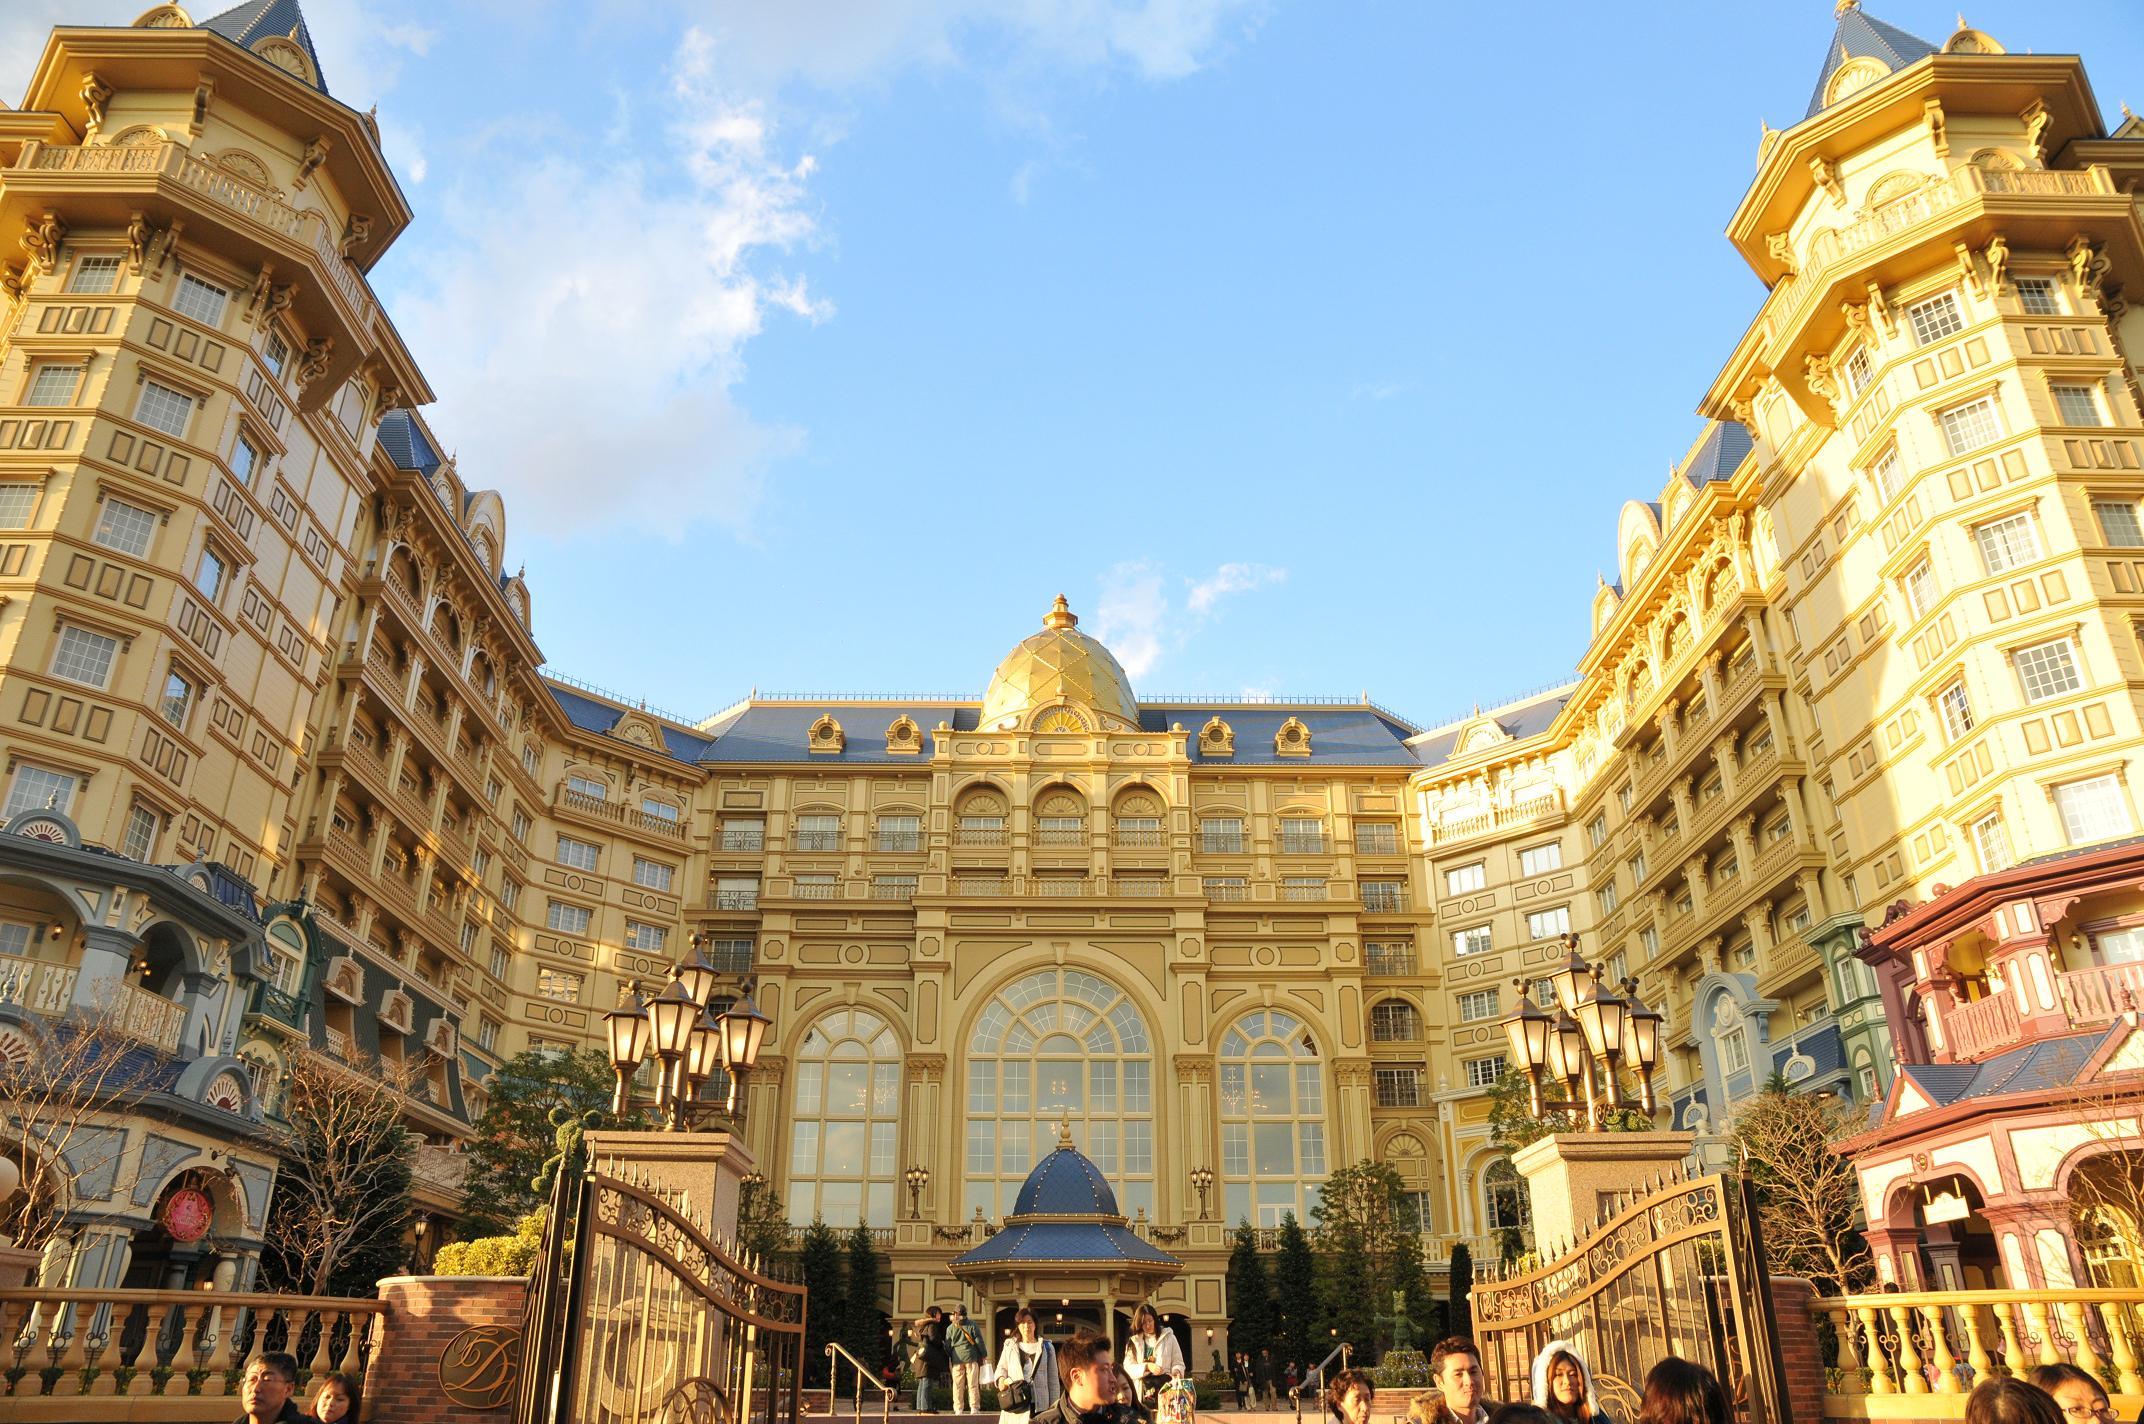 ディズニーホテルの予約の狙い目は2週間前 : 【tdl裏情報】ディズニー